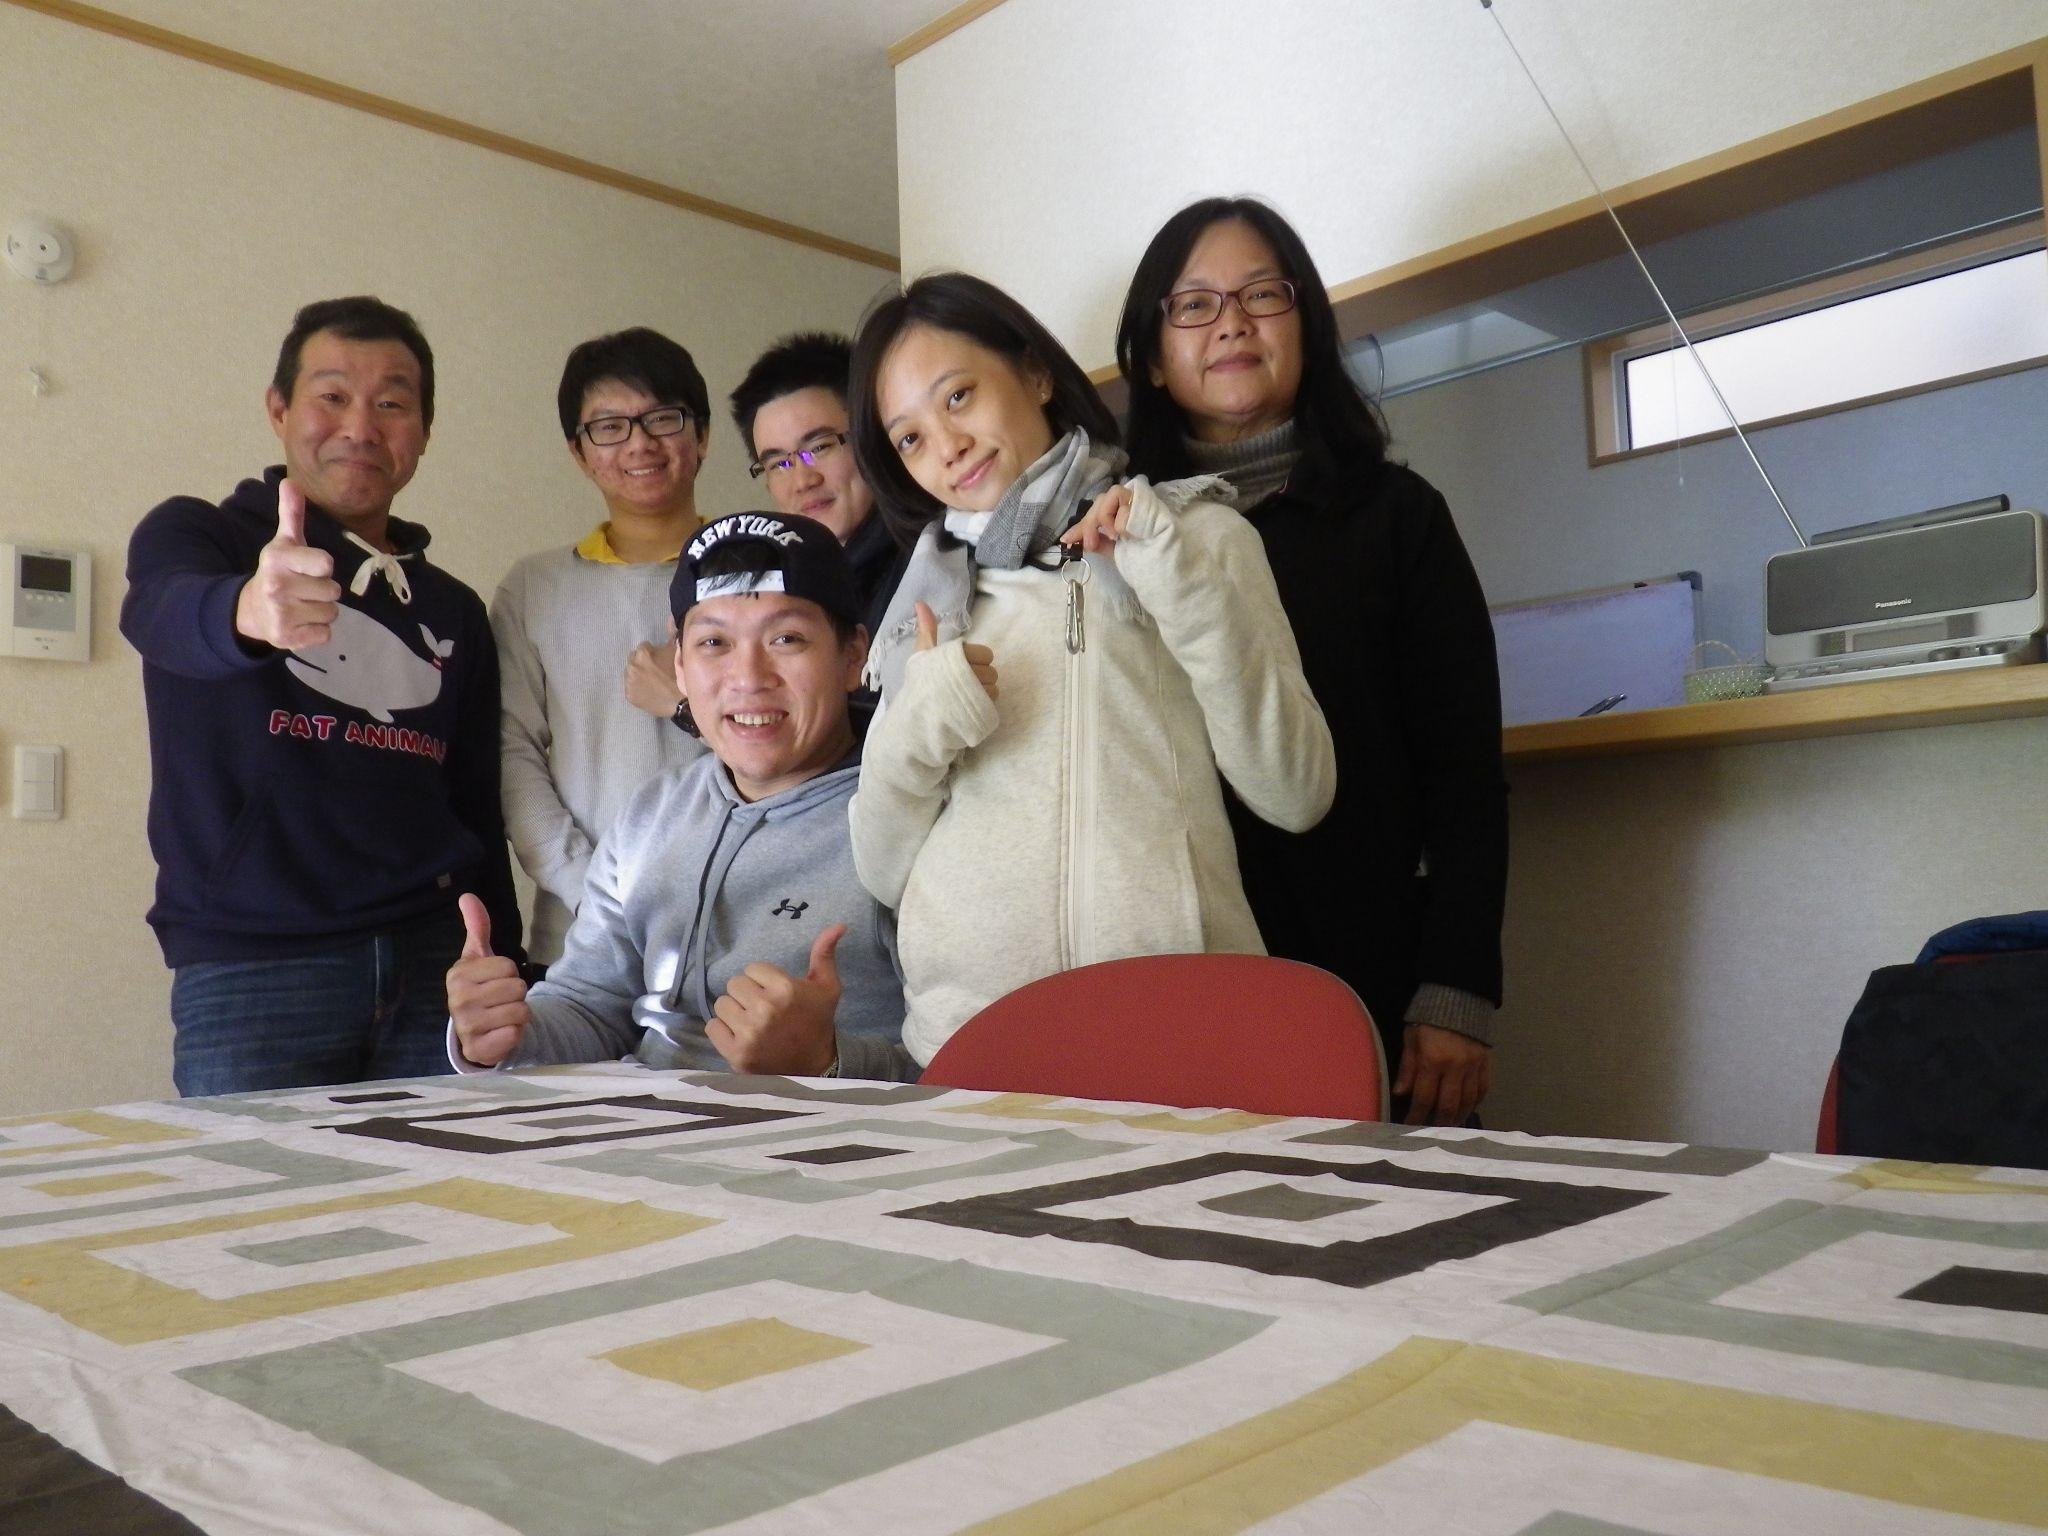 Airbnb:ウィグルの方5人組がやってきた【Airbnbってスゴイ!】